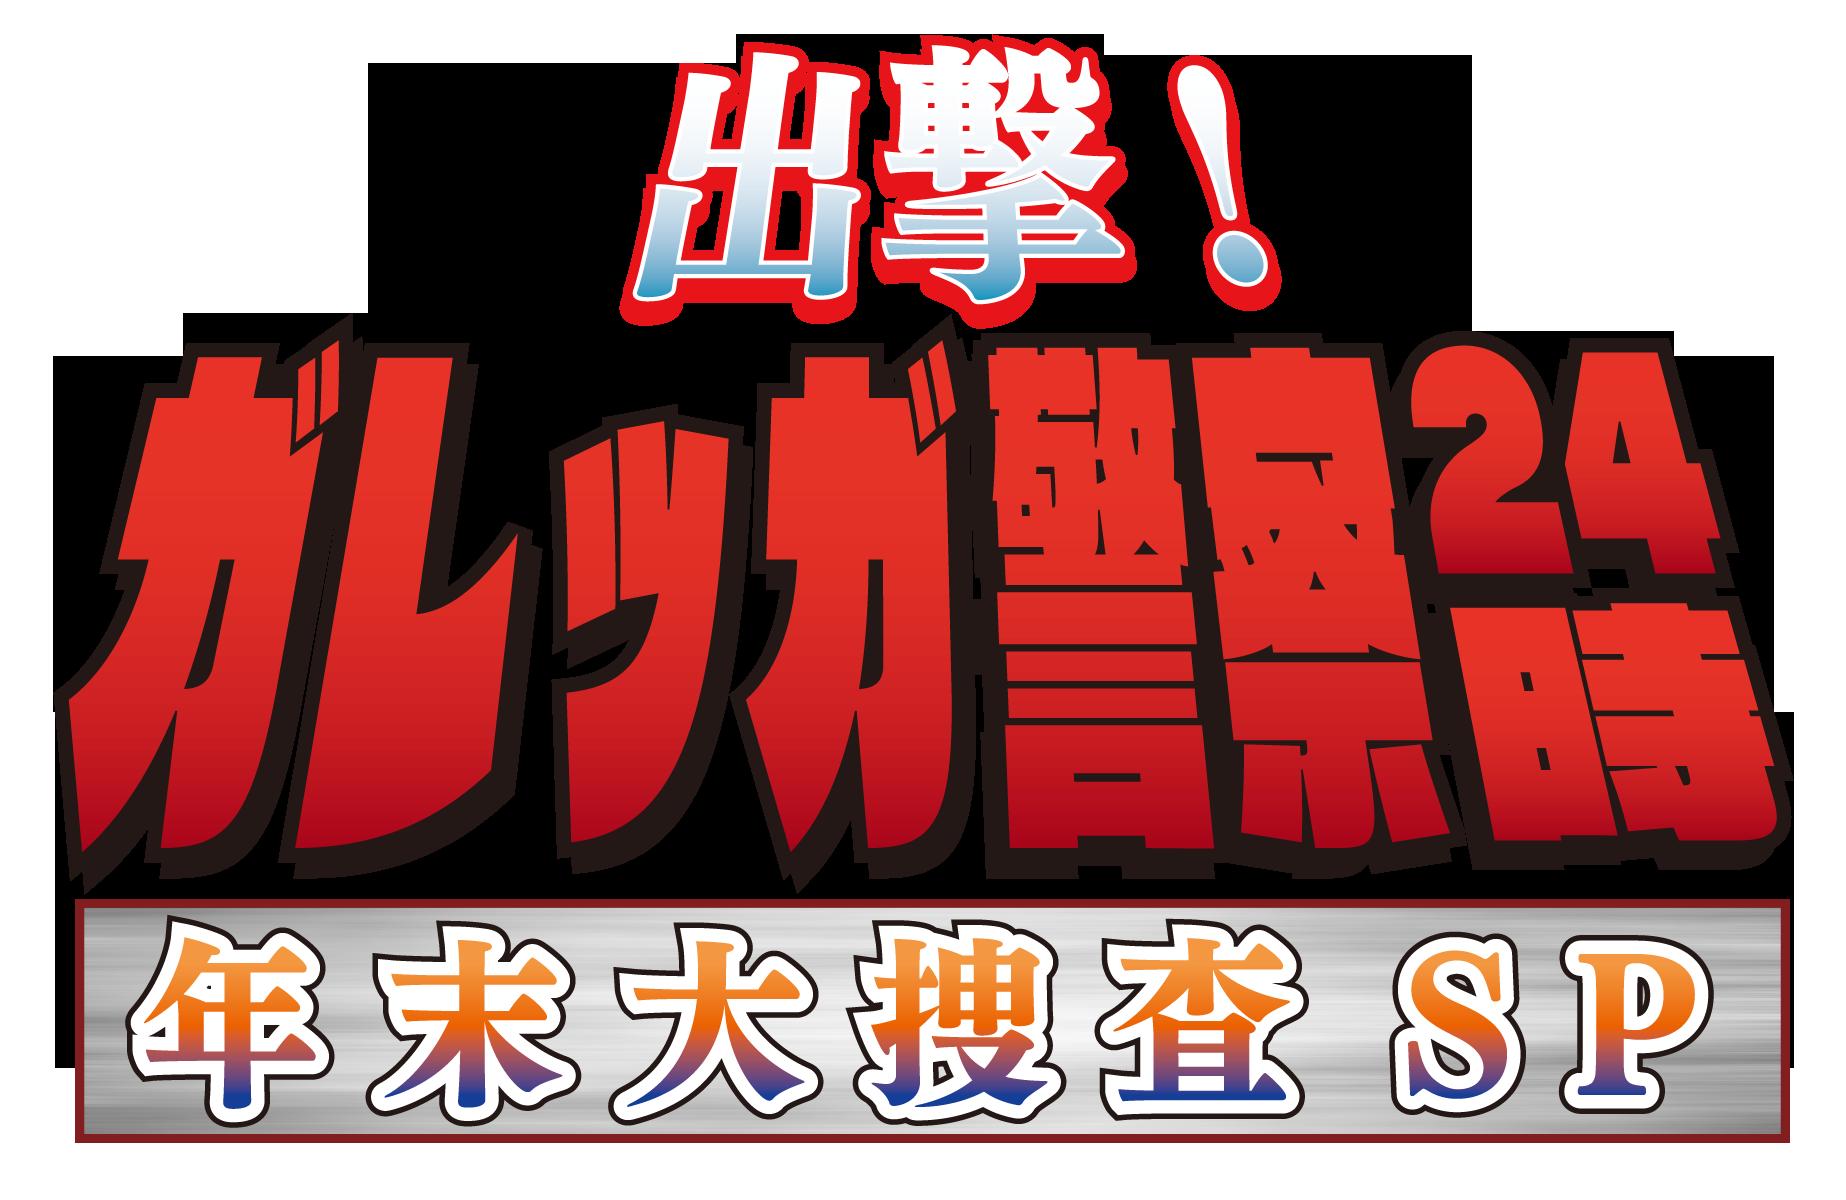 gareggakeisatsu_logo